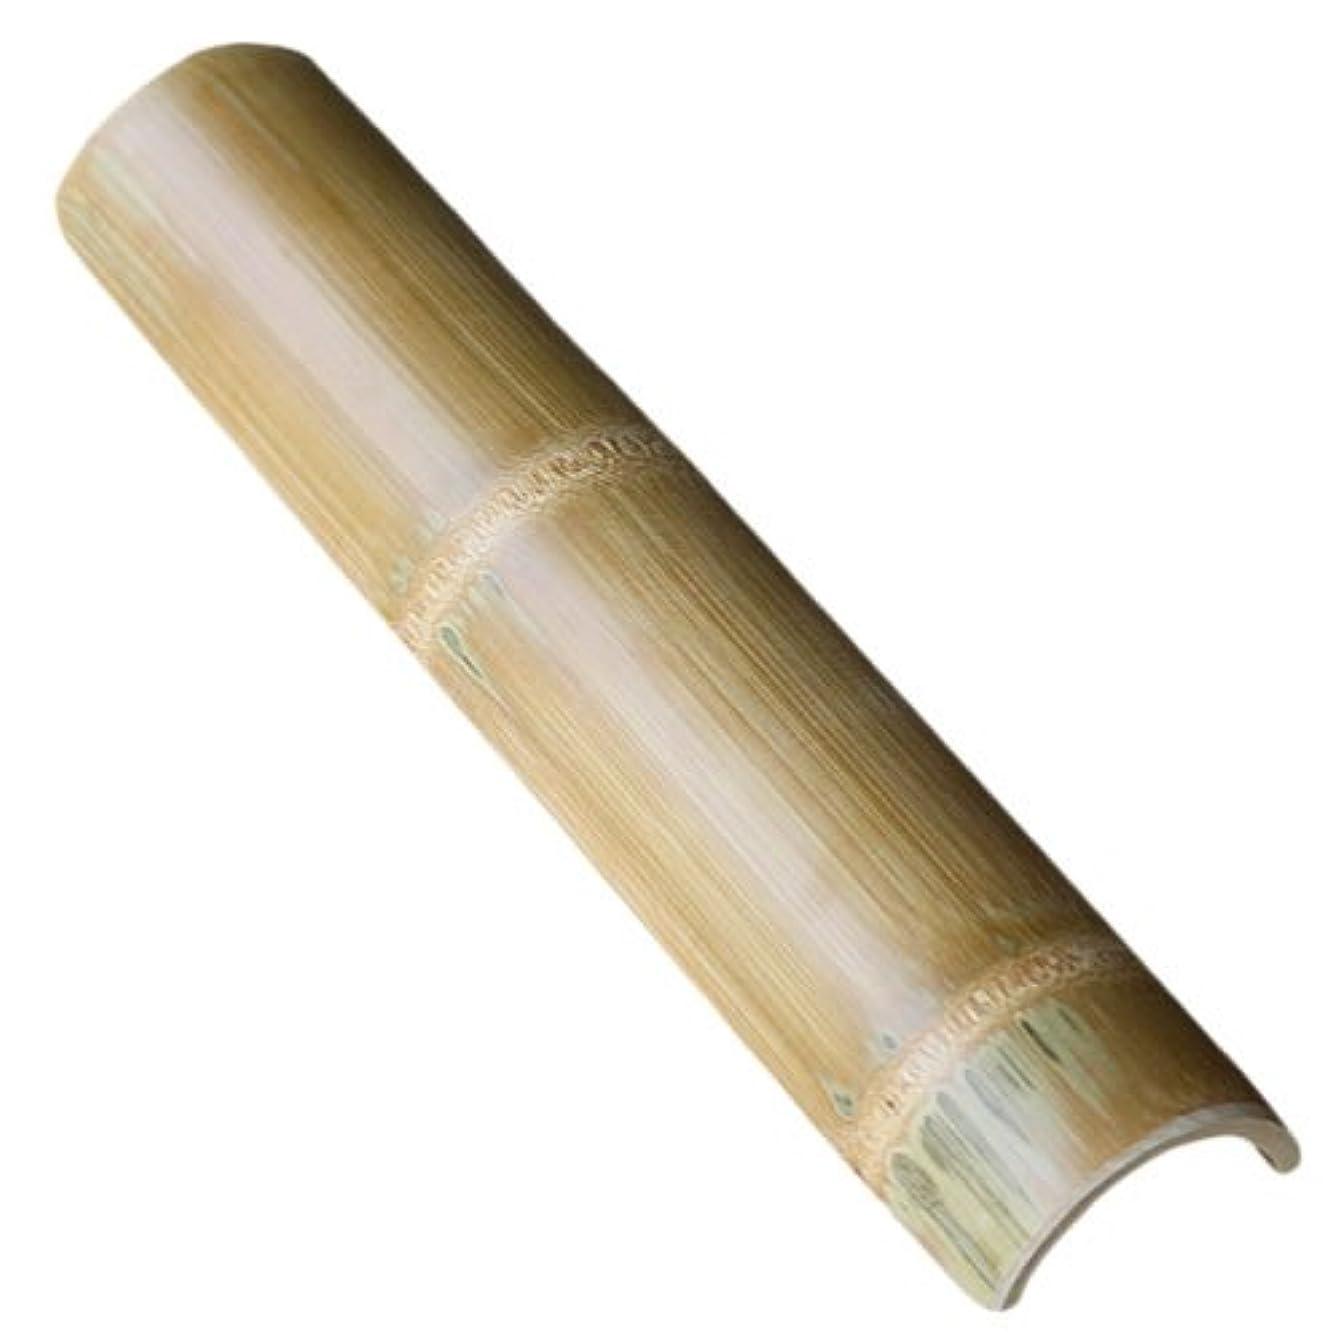 ヨーグルトお互い小麦粉【国産】炭化竹踏み 青竹を炭化加工して防虫、防カビ効果を向上させて美しく磨き上げた丈夫な二節付の竹踏み